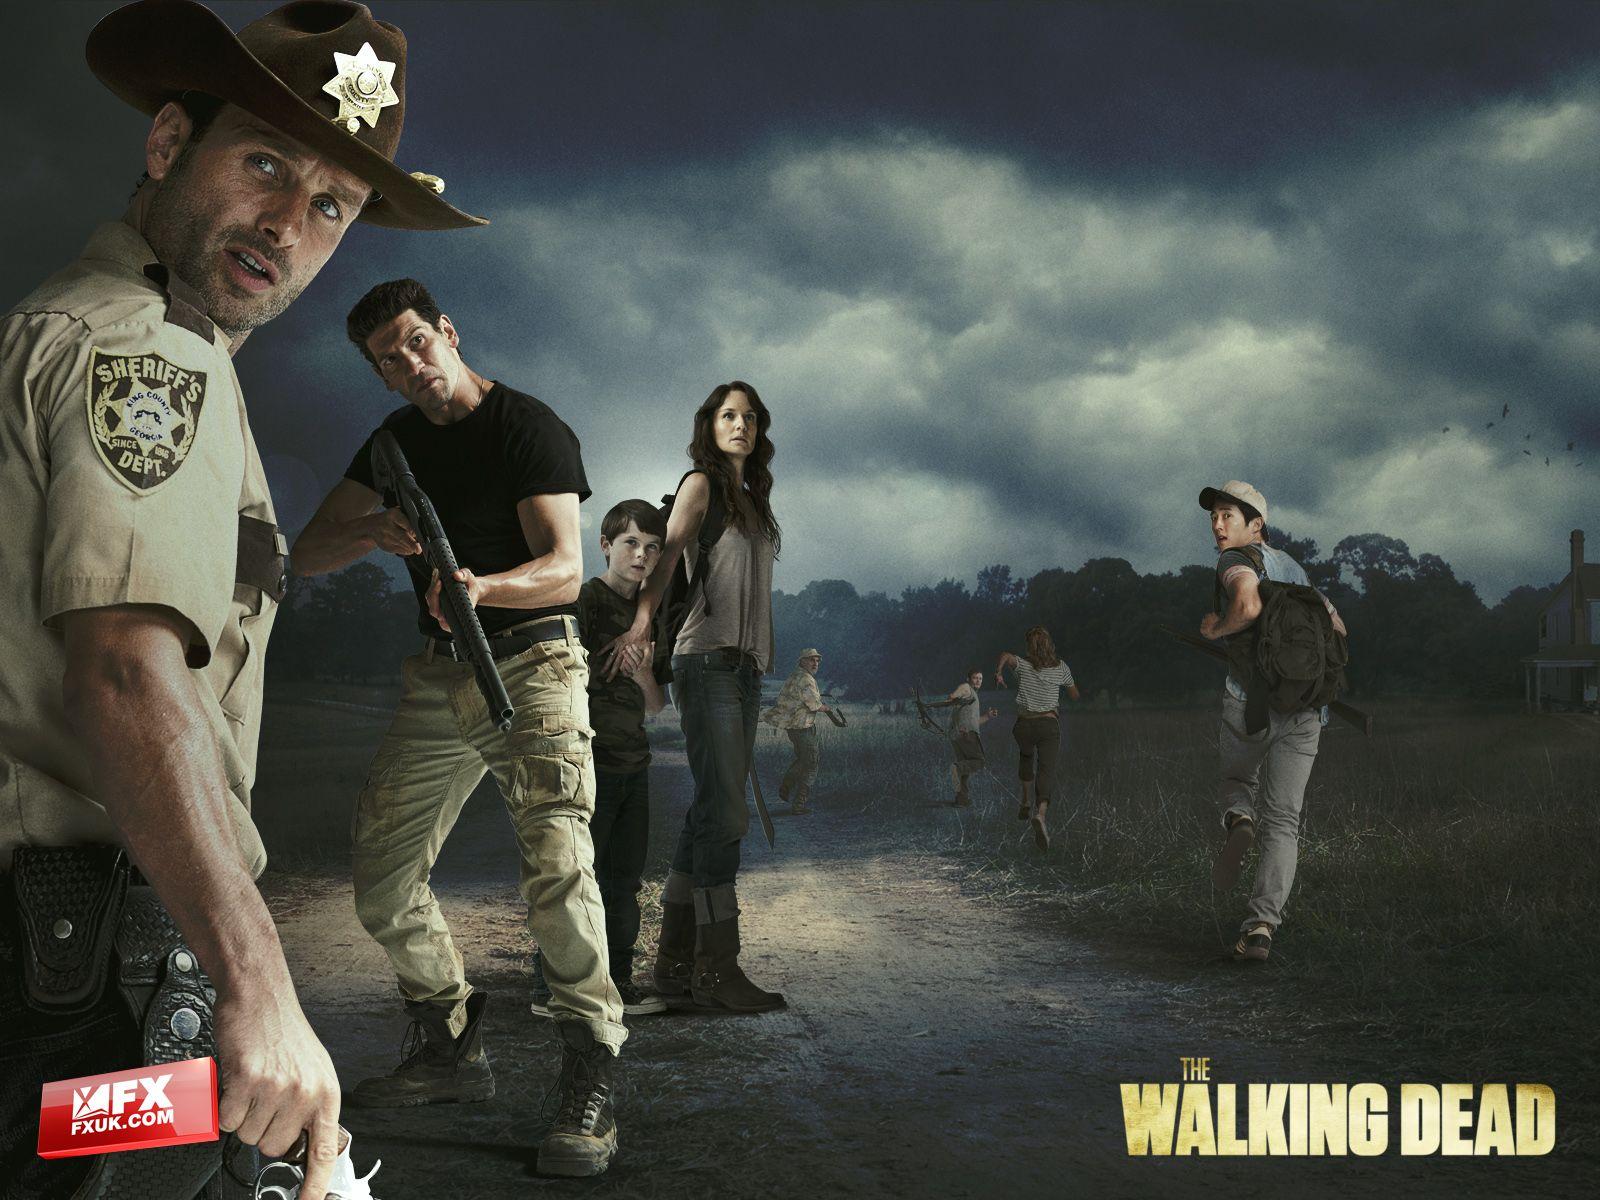 Walking Dead Season 2 Pictures The Walking Dead Season 2 Fx Uk Wallpapers Walking Dead Wallpaper Walking Dead Season The Walking Dead